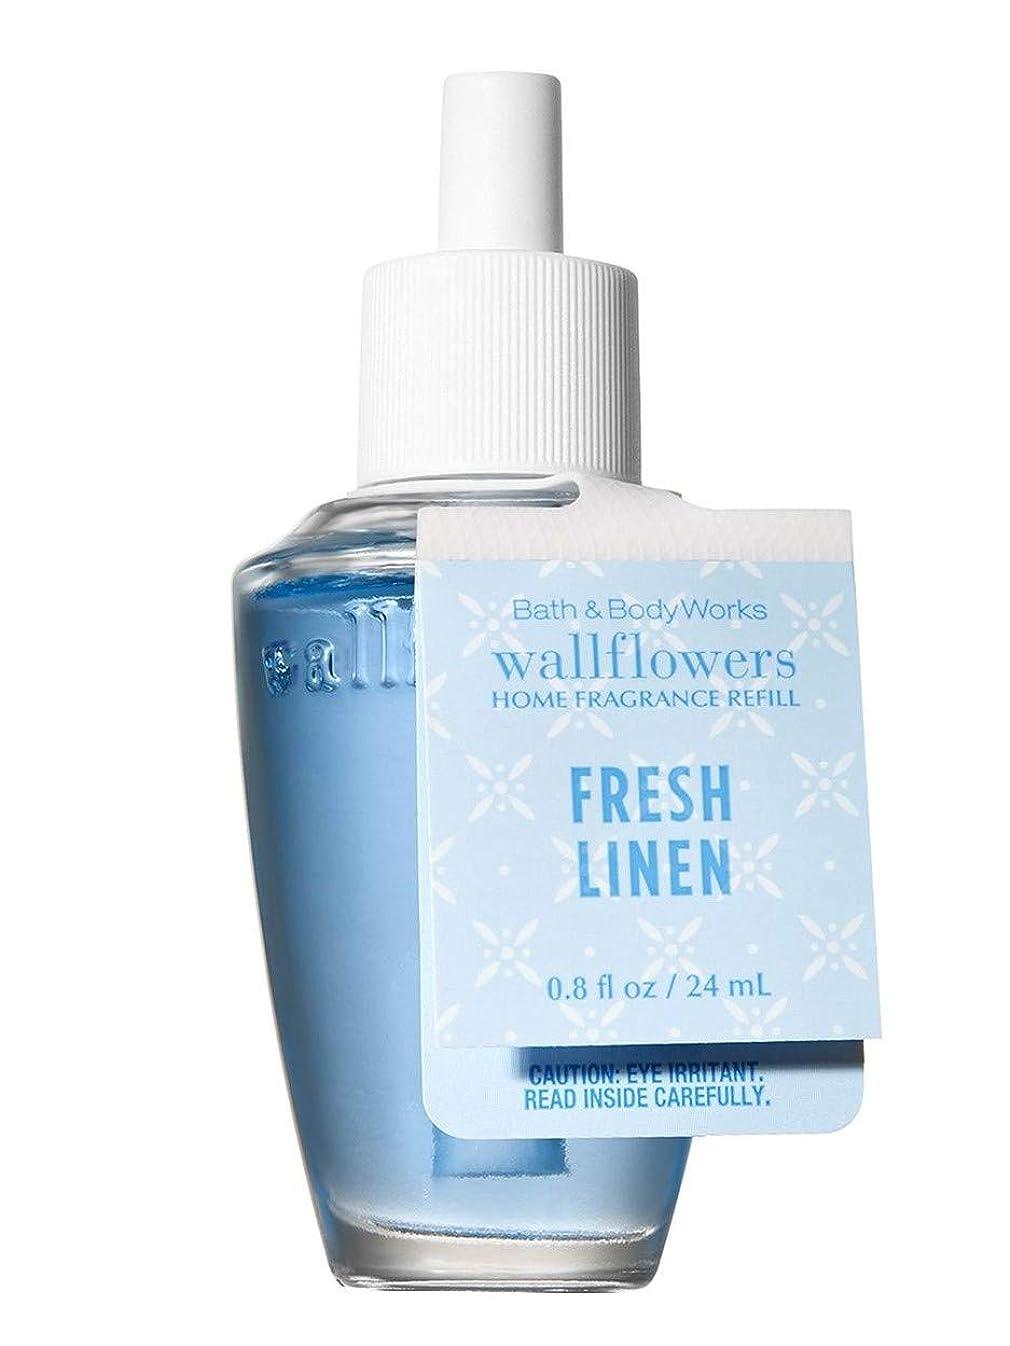 ファシズムぶら下がるナース【Bath&Body Works/バス&ボディワークス】 ルームフレグランス 詰替えリフィル フレッシュリネン Wallflowers Home Fragrance Refill Fresh linen [並行輸入品]